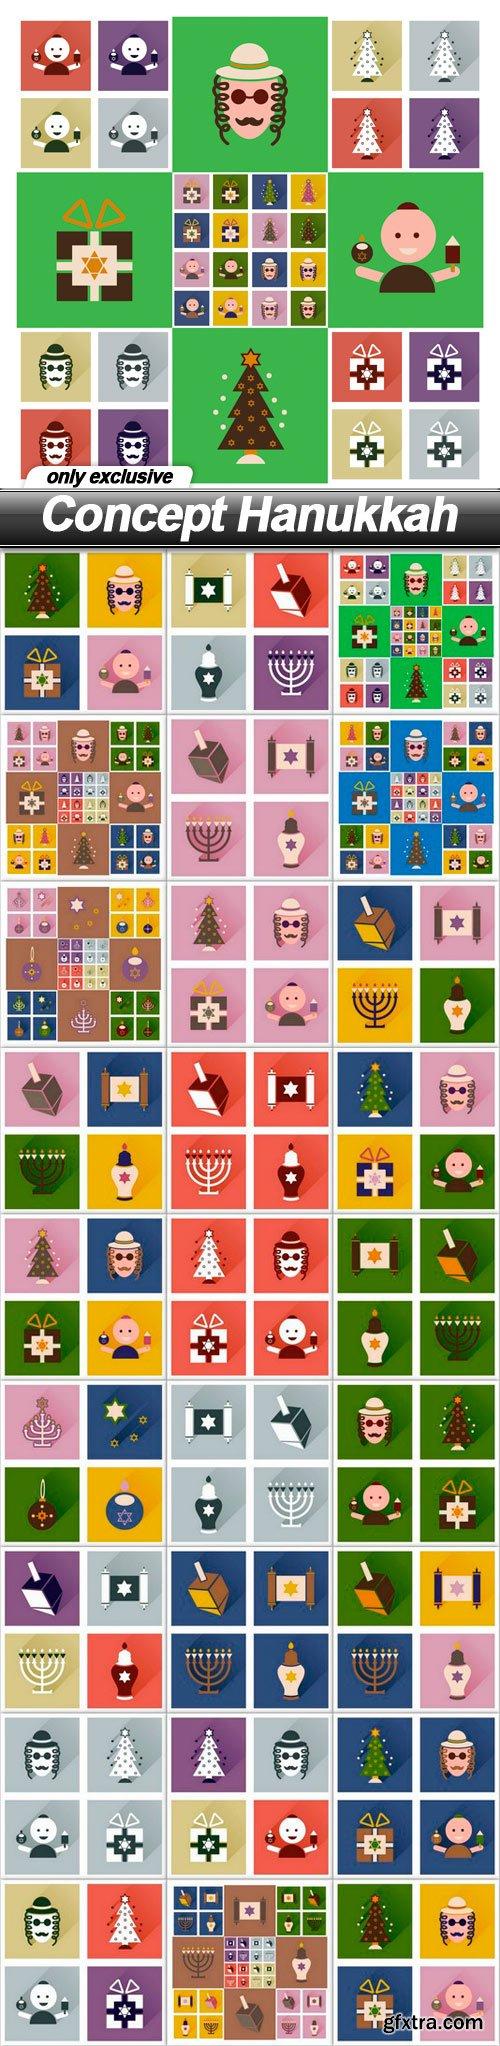 Concept Hanukkah - 26 EPS